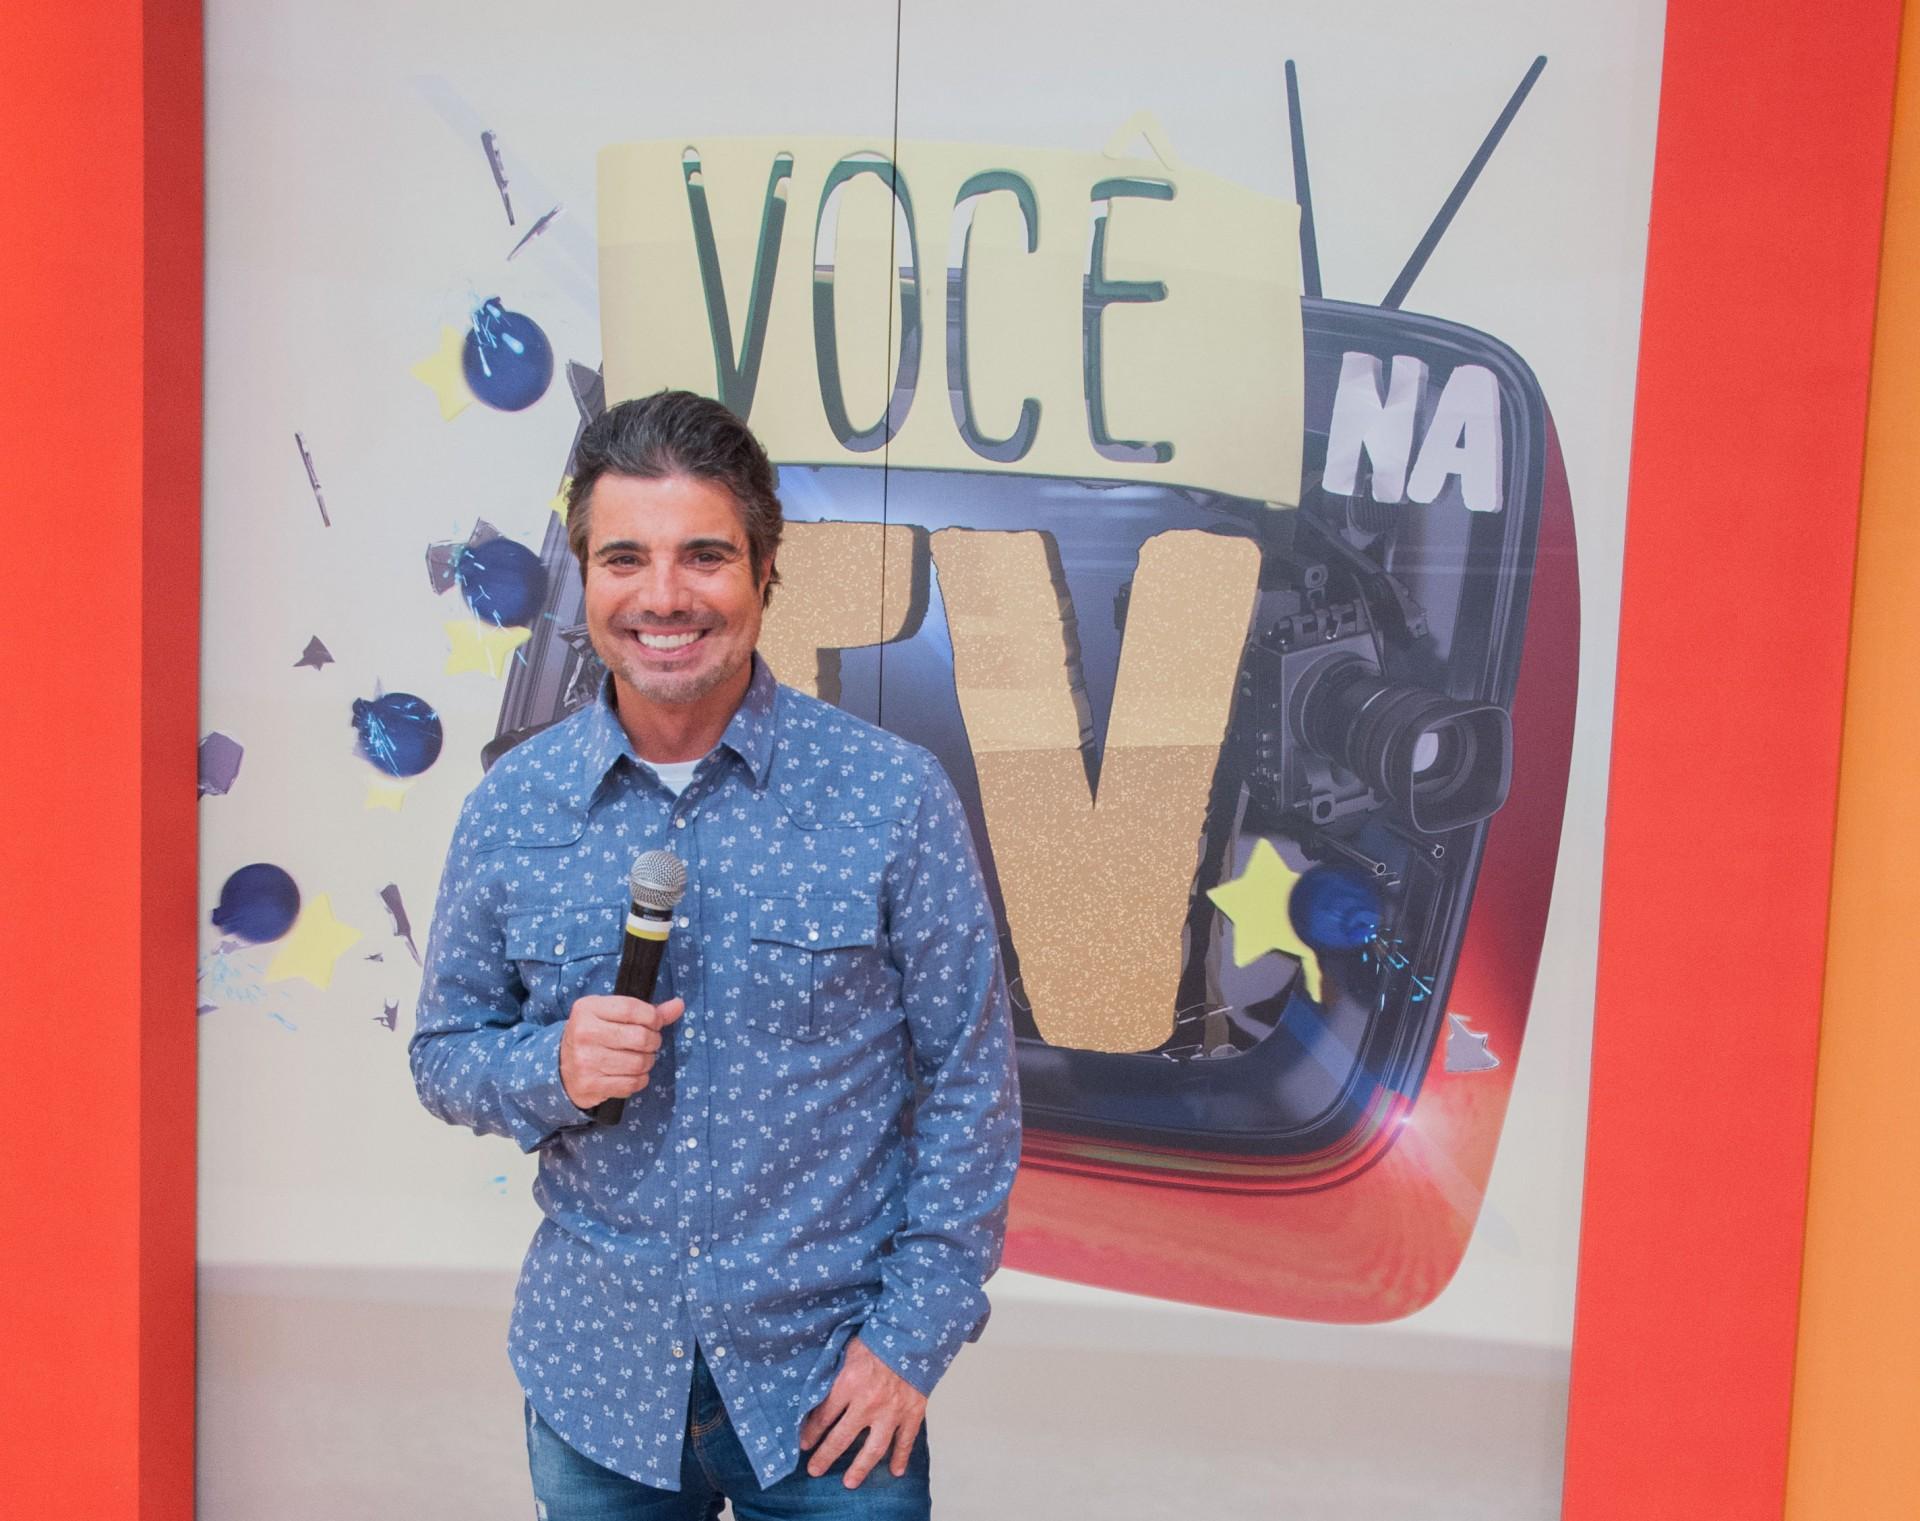 Foto: Fernanda Simão/RedeTV!